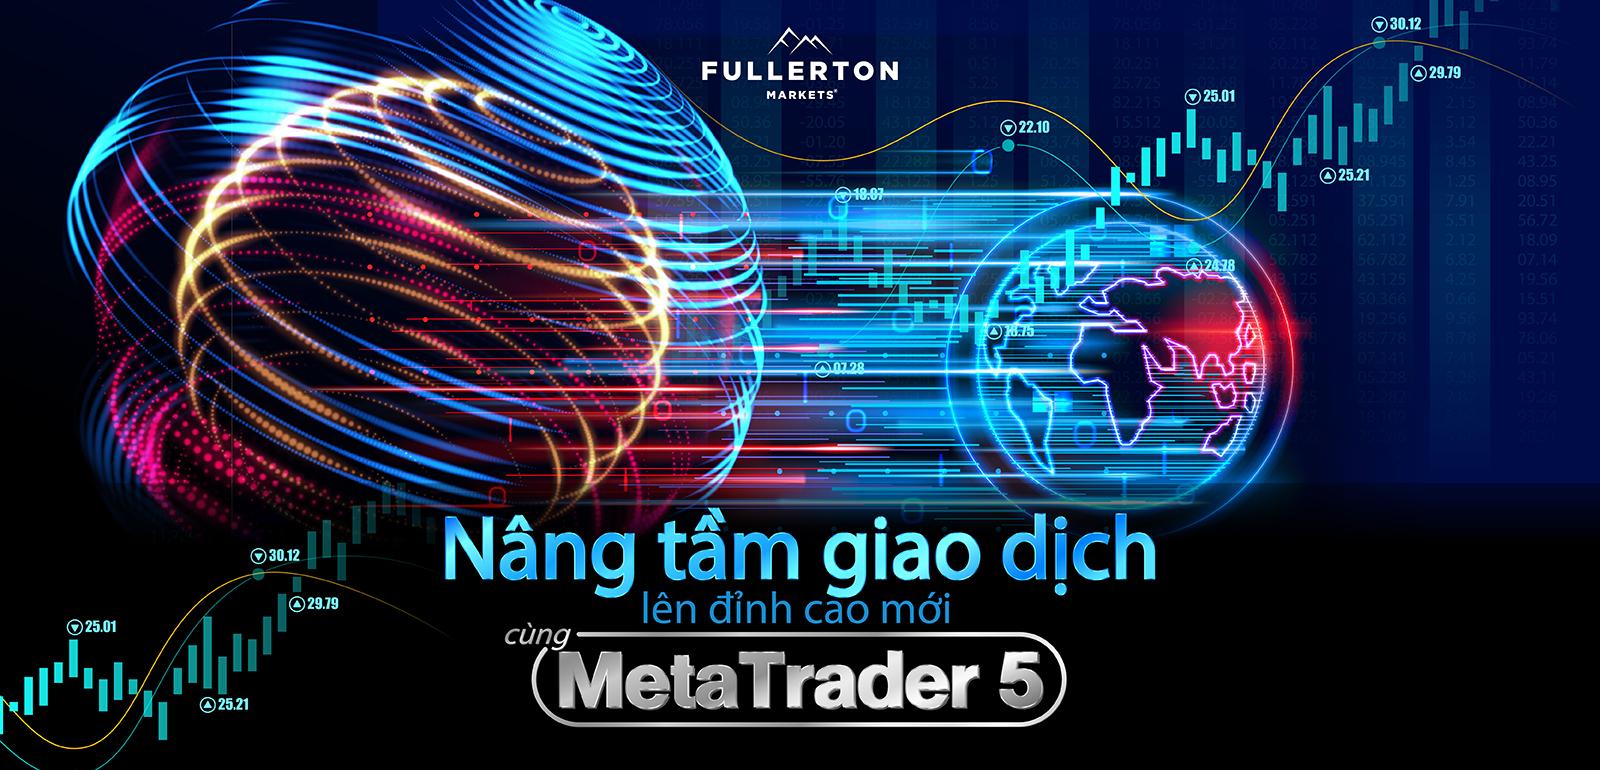 Fullerton Markets MT5